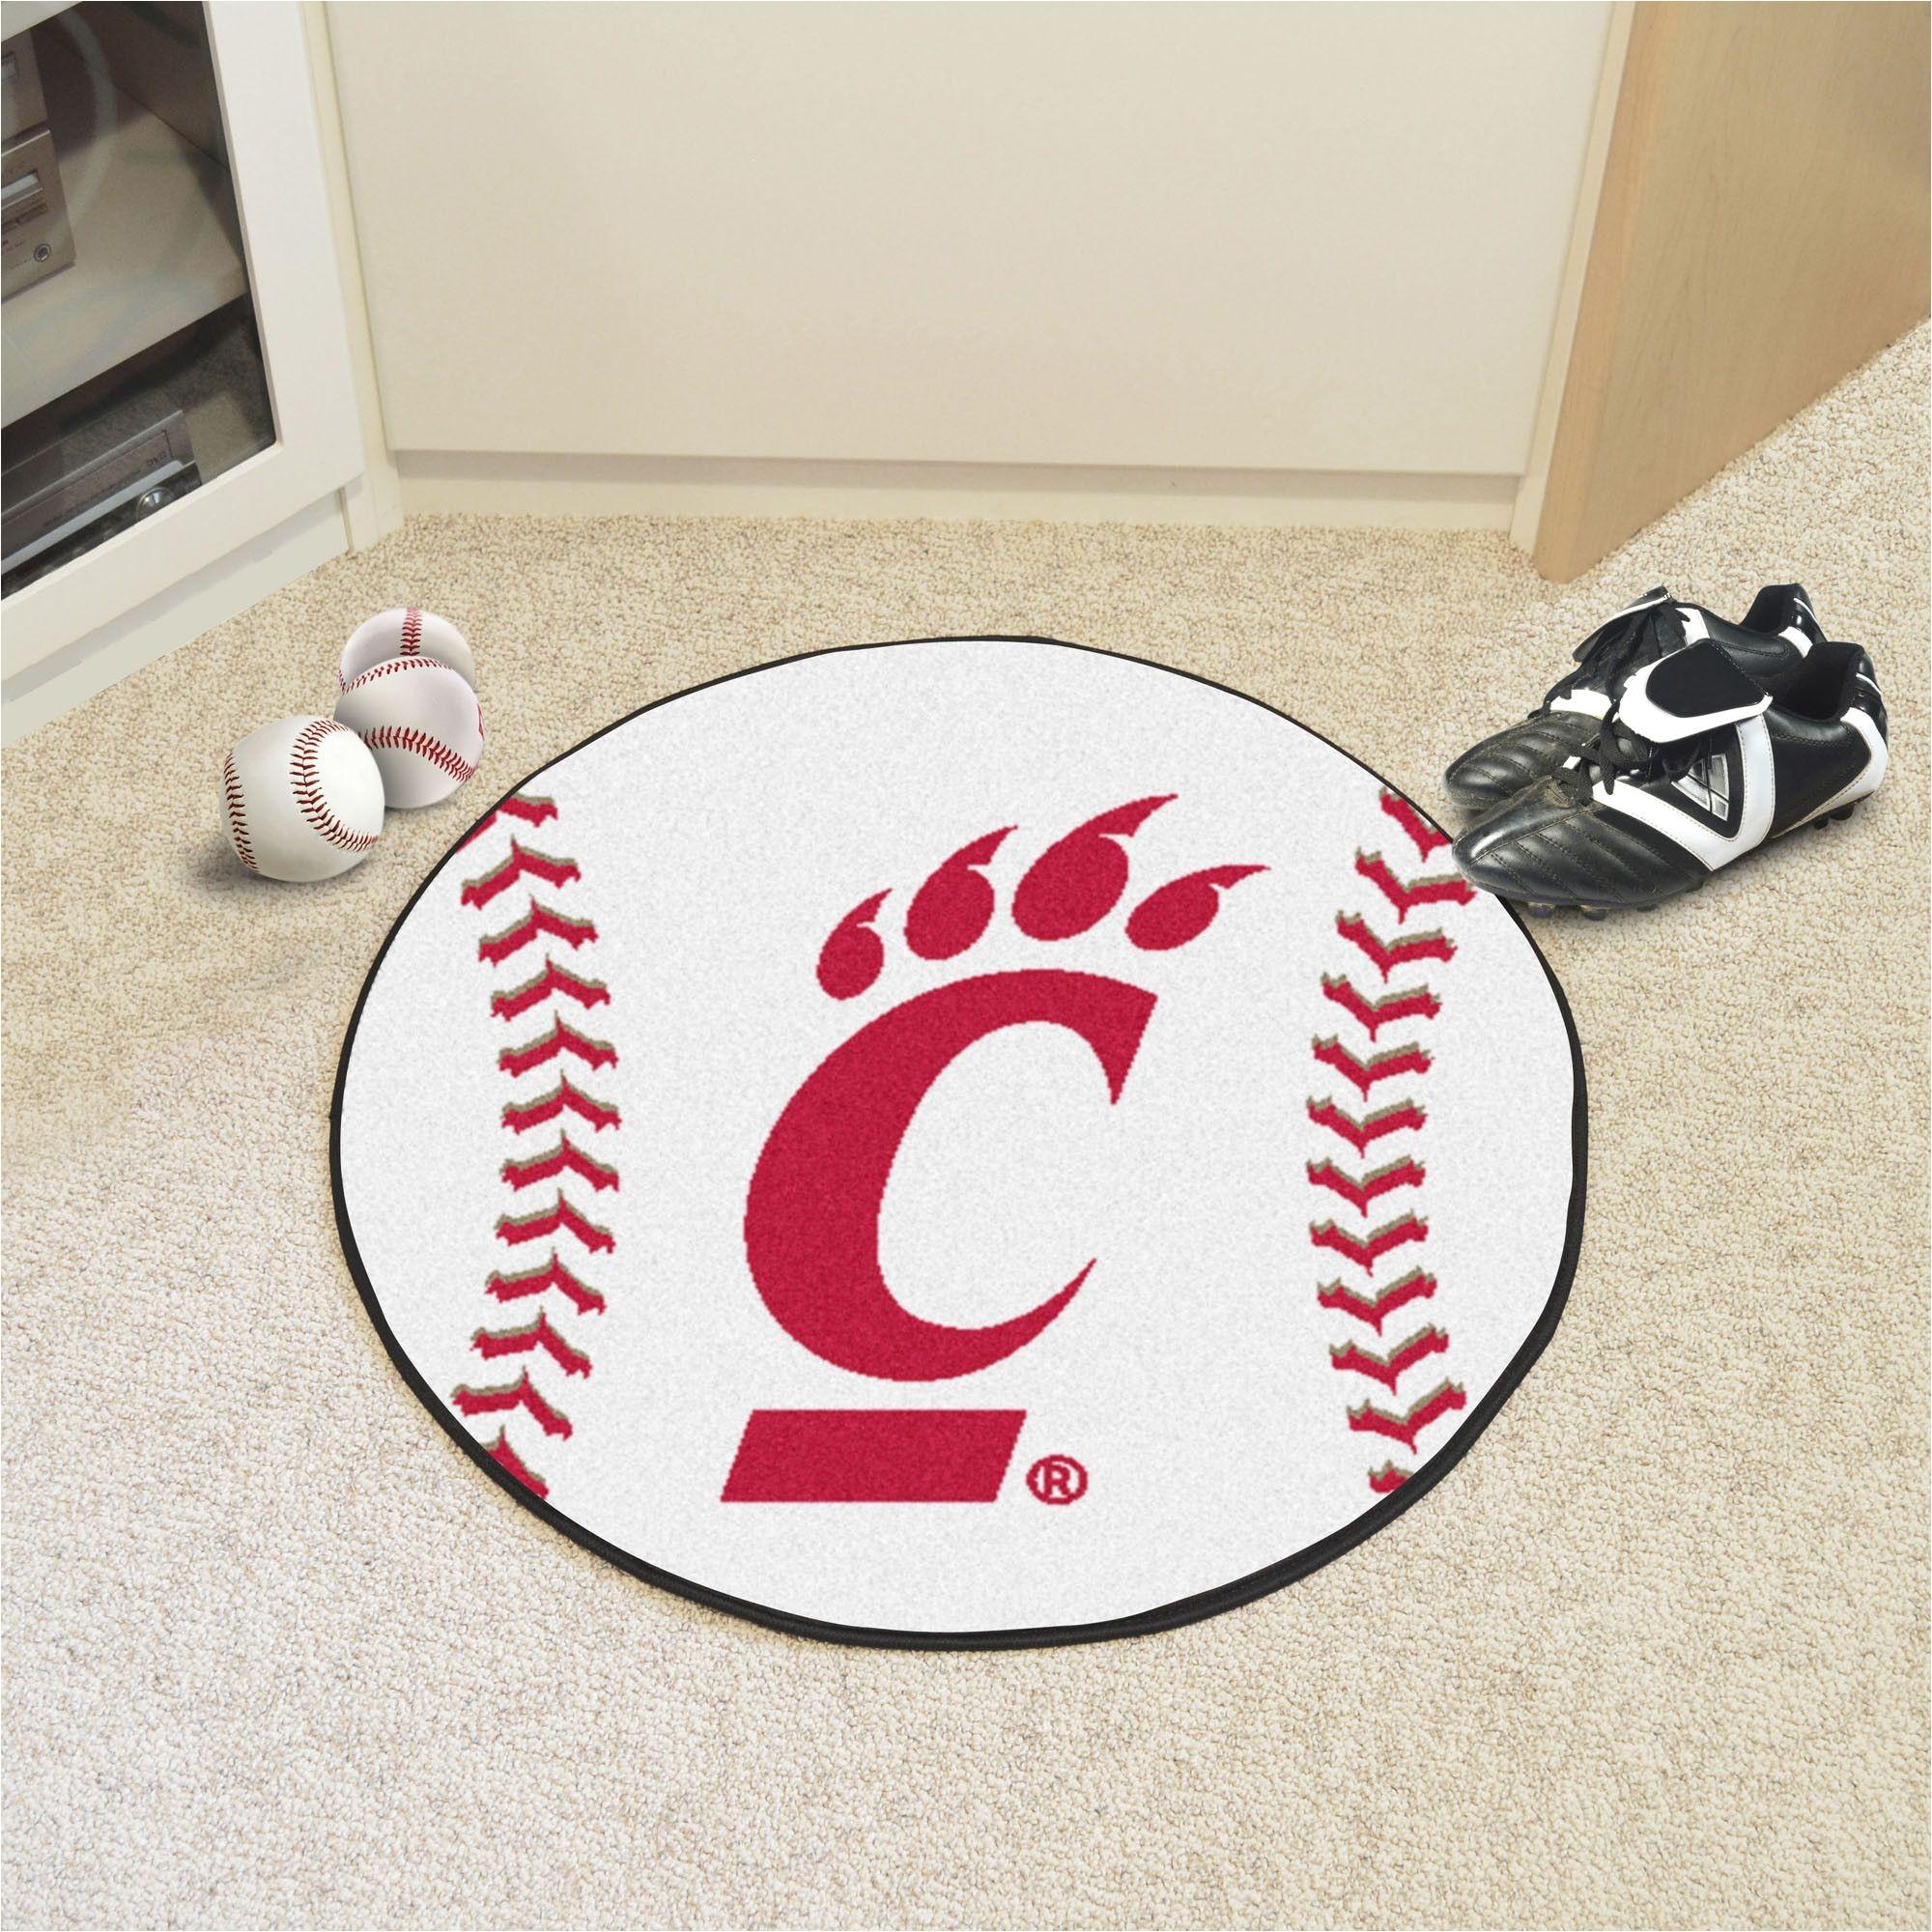 university of cincinnati baseball mat 27 diameter baseball shaped area rugs by fanmats